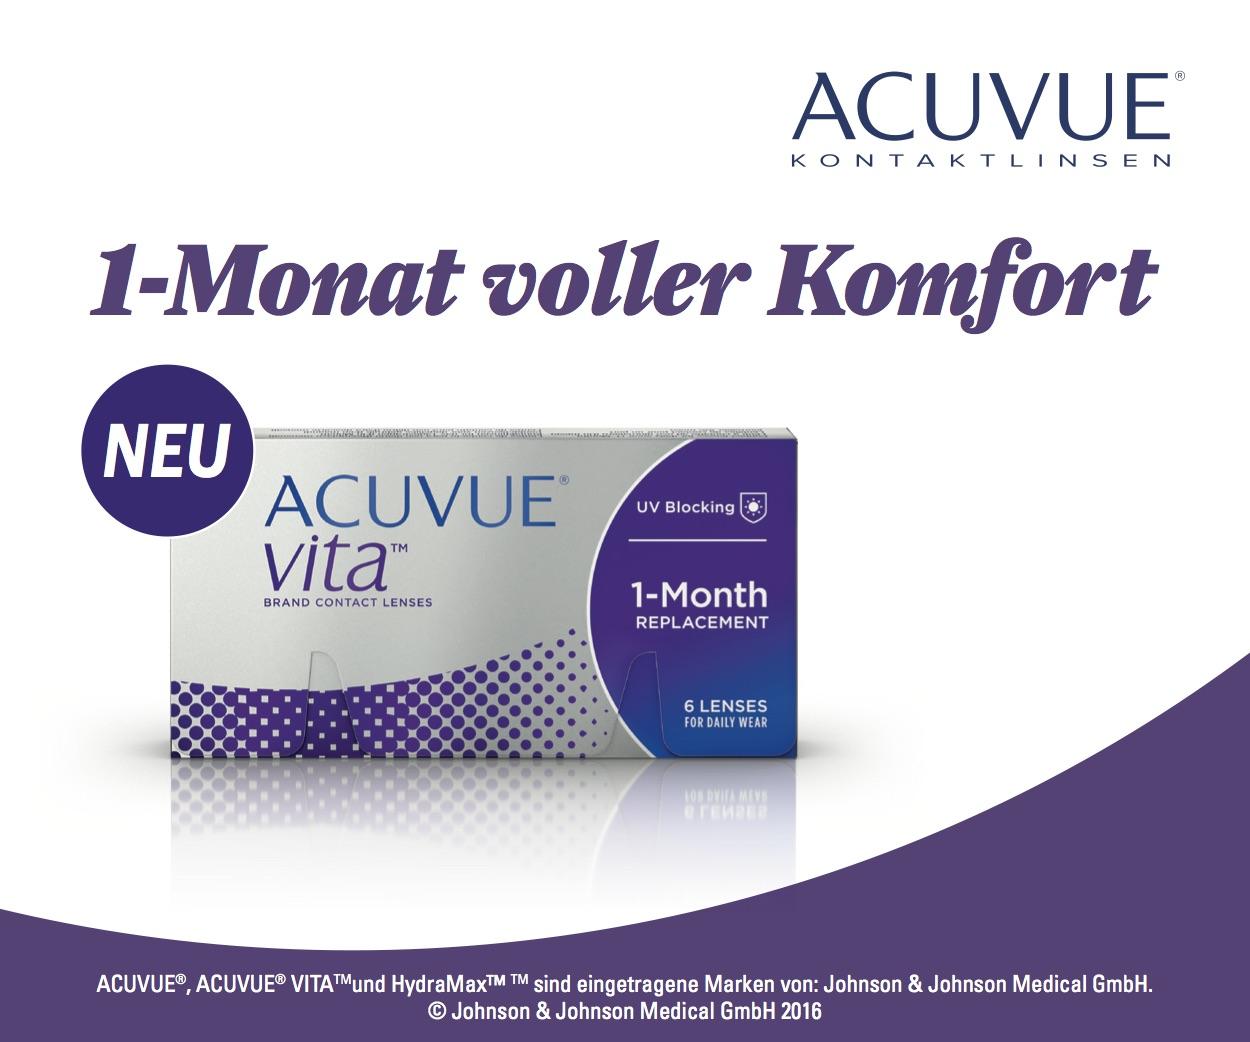 Das Bild zeigt die Verpackung der Acuvue Vita